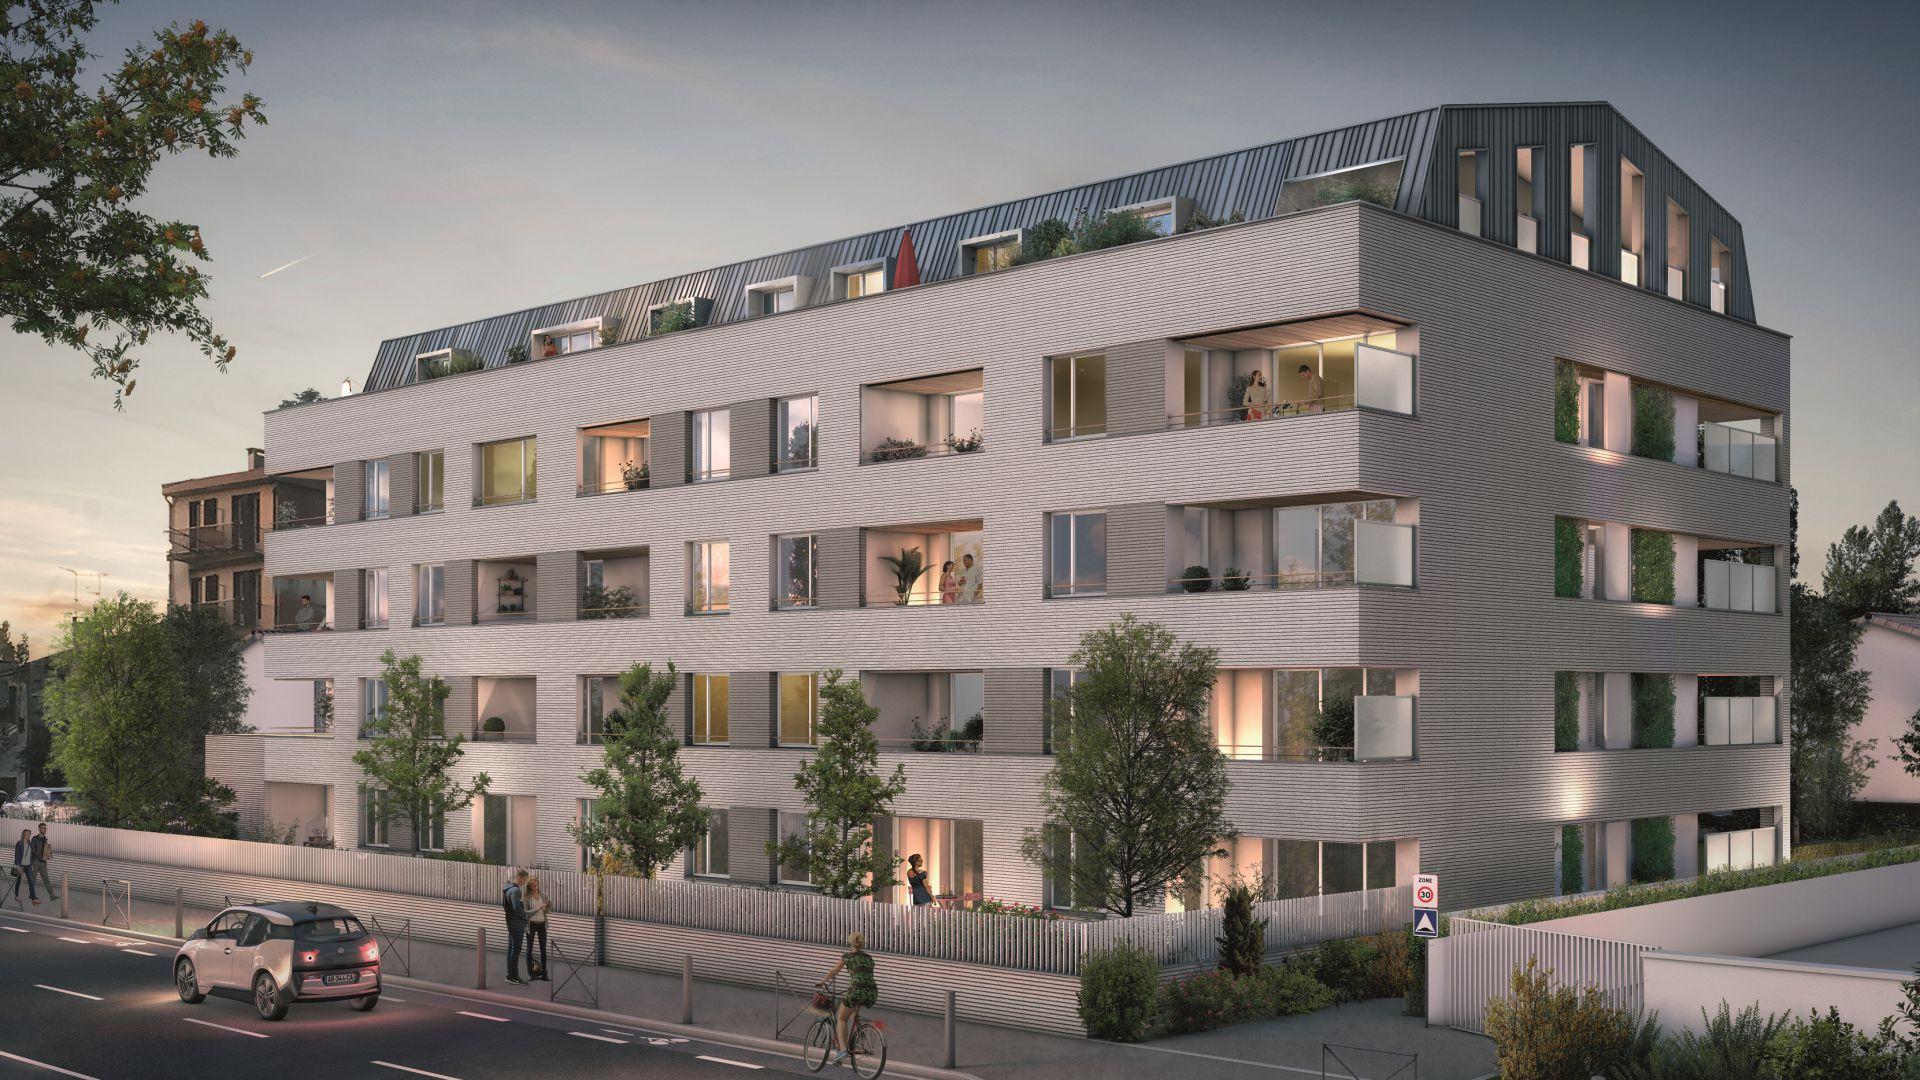 GreenCity immobilier - Toulouse - route de Narbonne - 31400 - Résidence L'Absolu - appartements neufs du T2 au T4